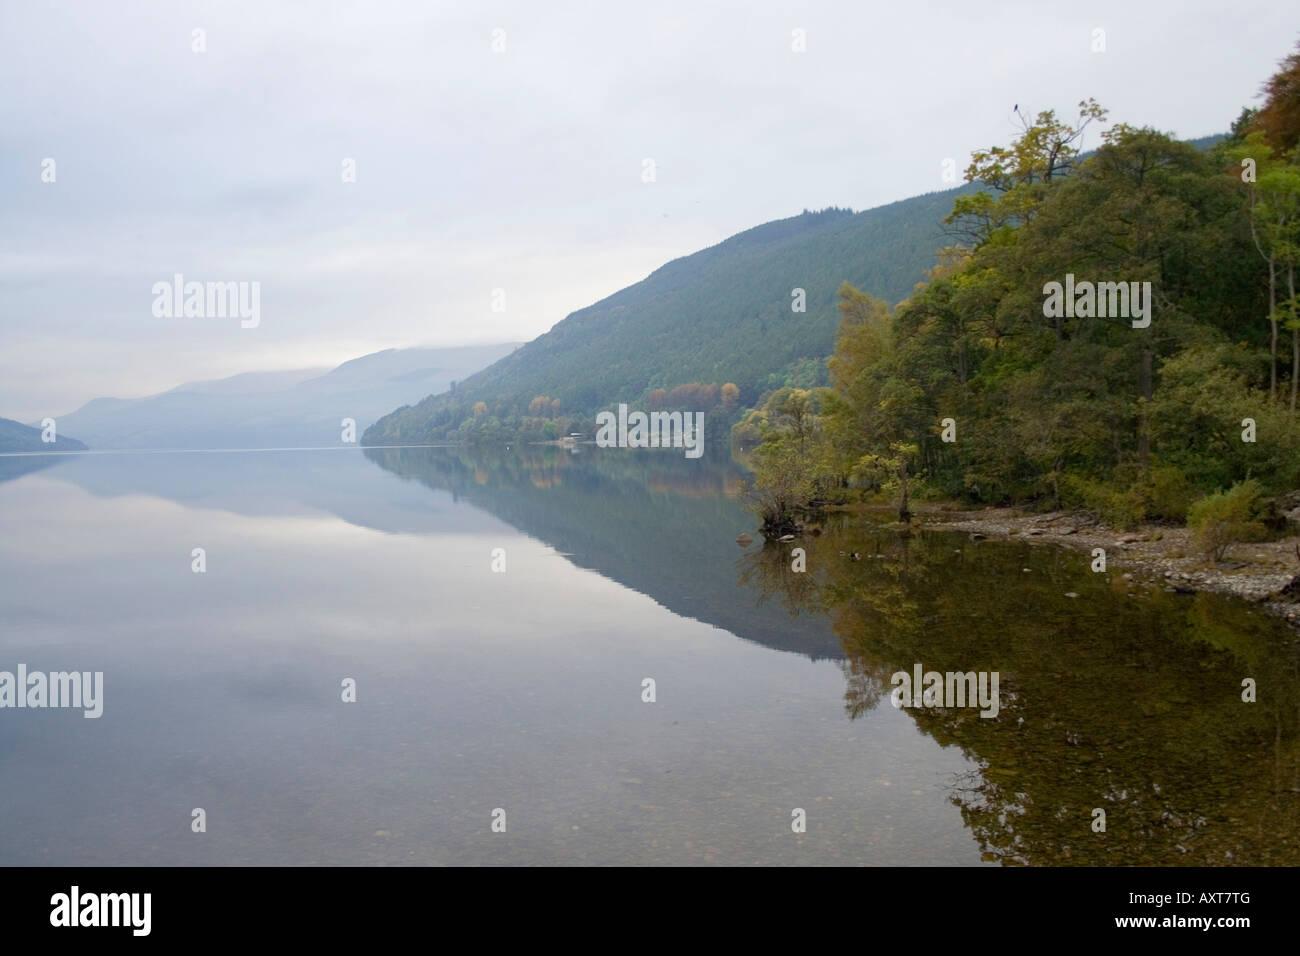 Beautiful mountain lake in the autumn - Stock Image